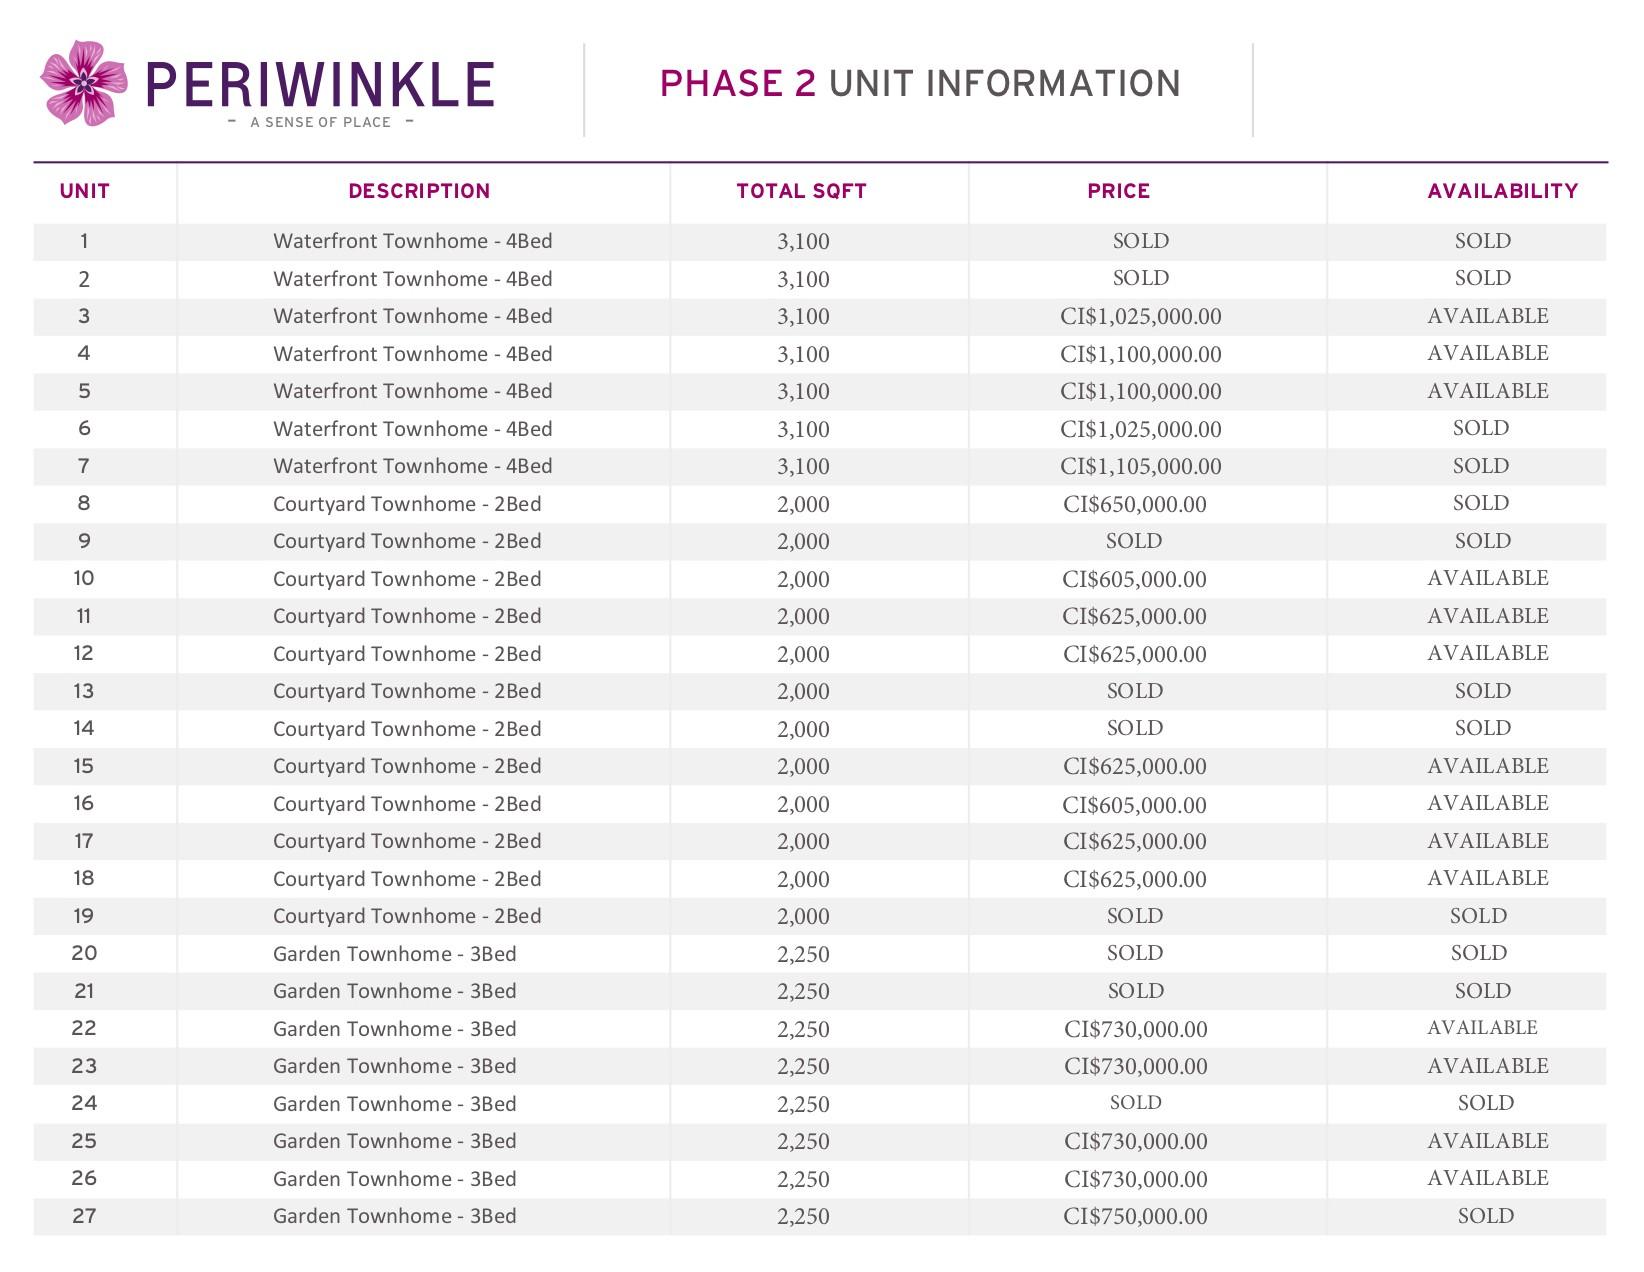 Periwinkle - Phase 2 Unit Information - Image 2